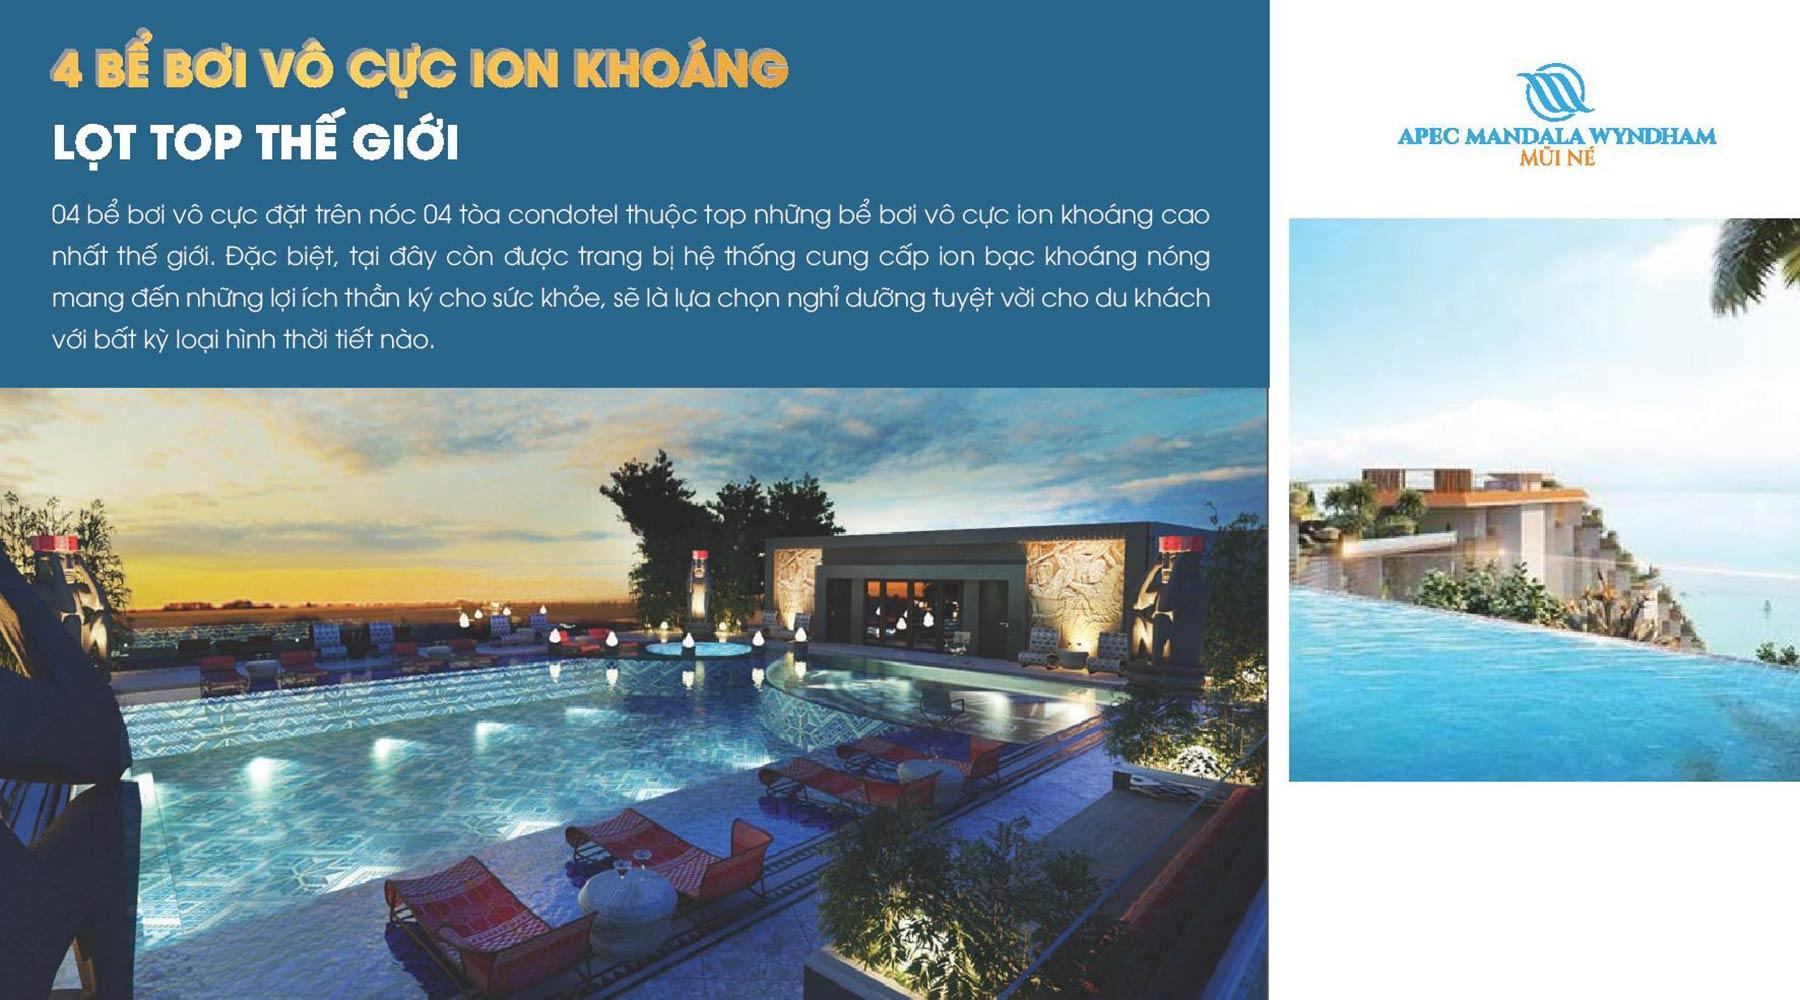 Tiện ích dự án Apec Mandala Wyndham Mũi Né 4 bể bơi vô cực ion khoáng